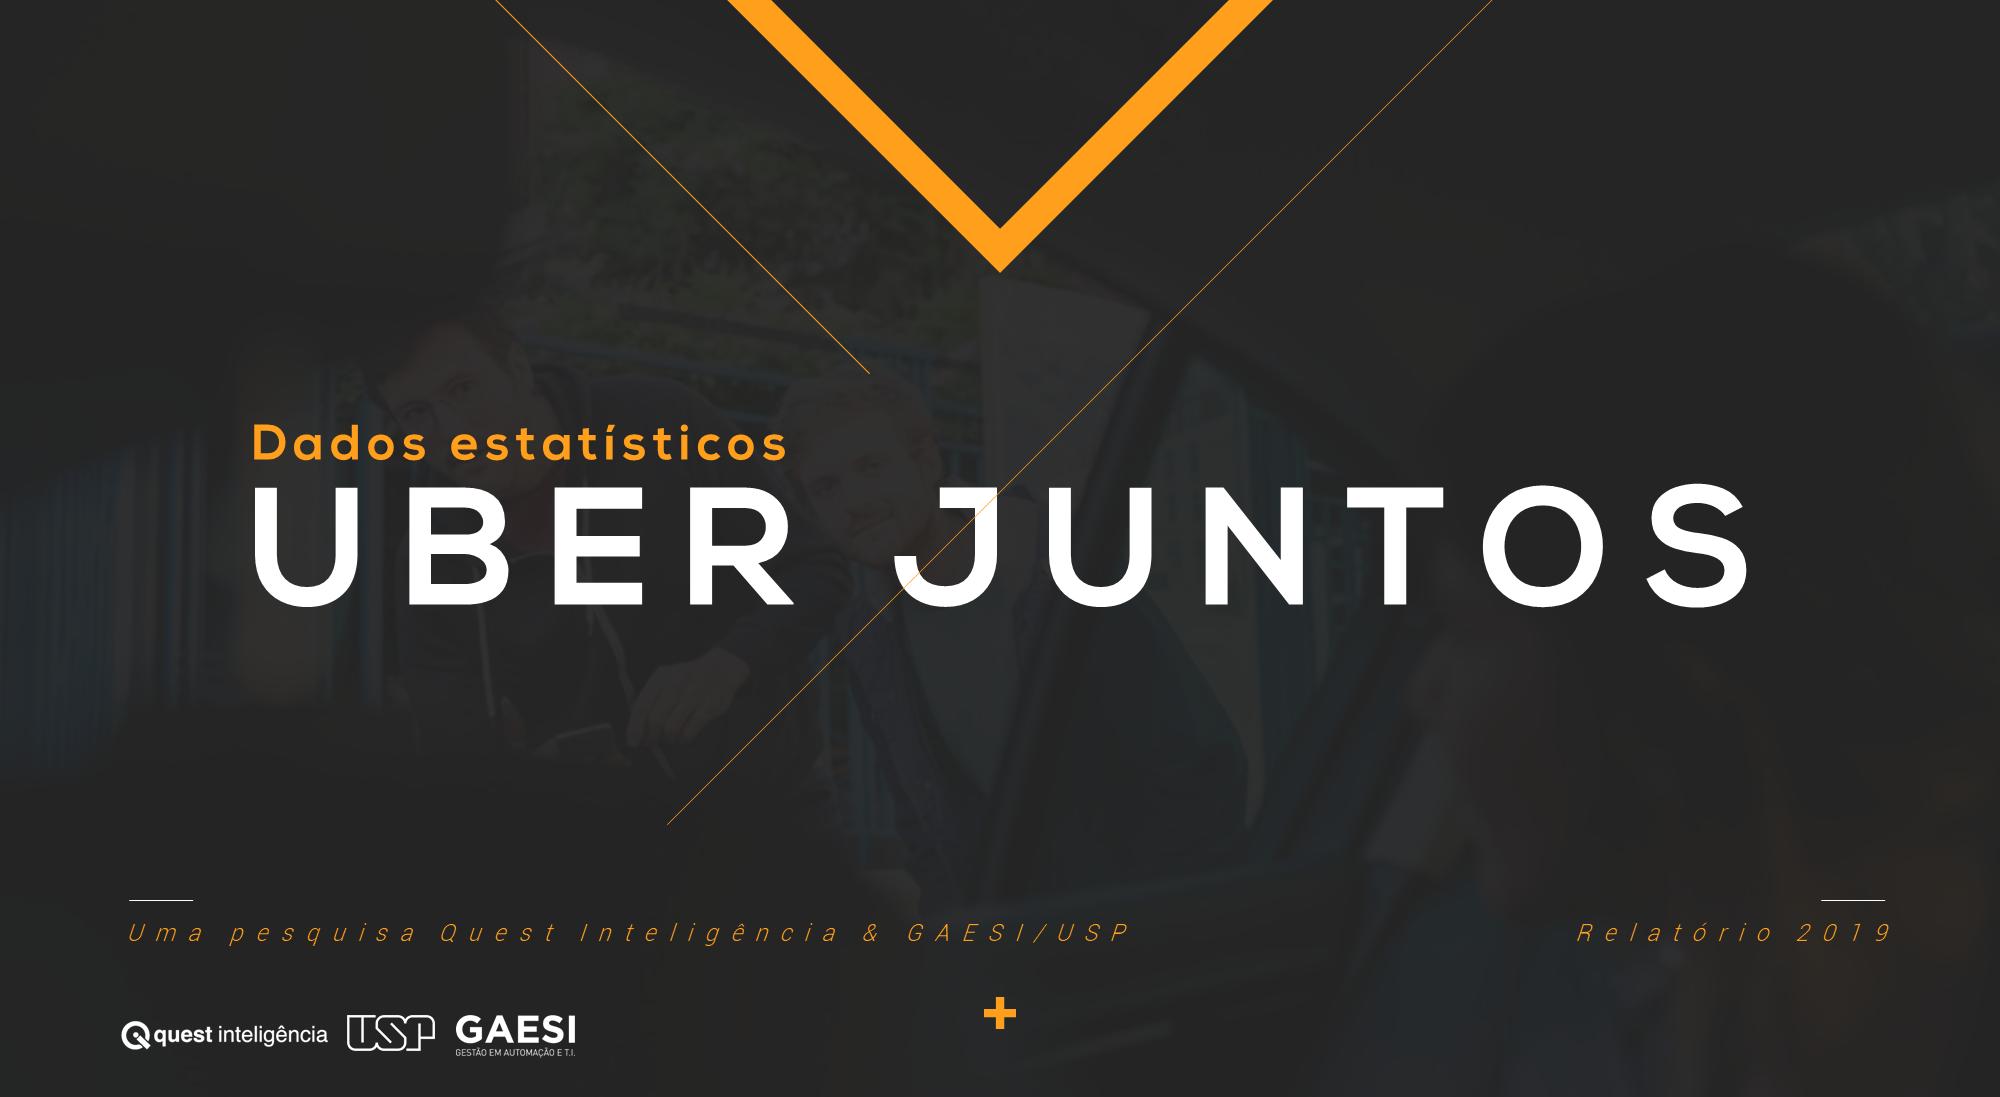 capa-pesquisa-relatorio-uber-juntos-quest-inteligencia-usp-indecx-2019